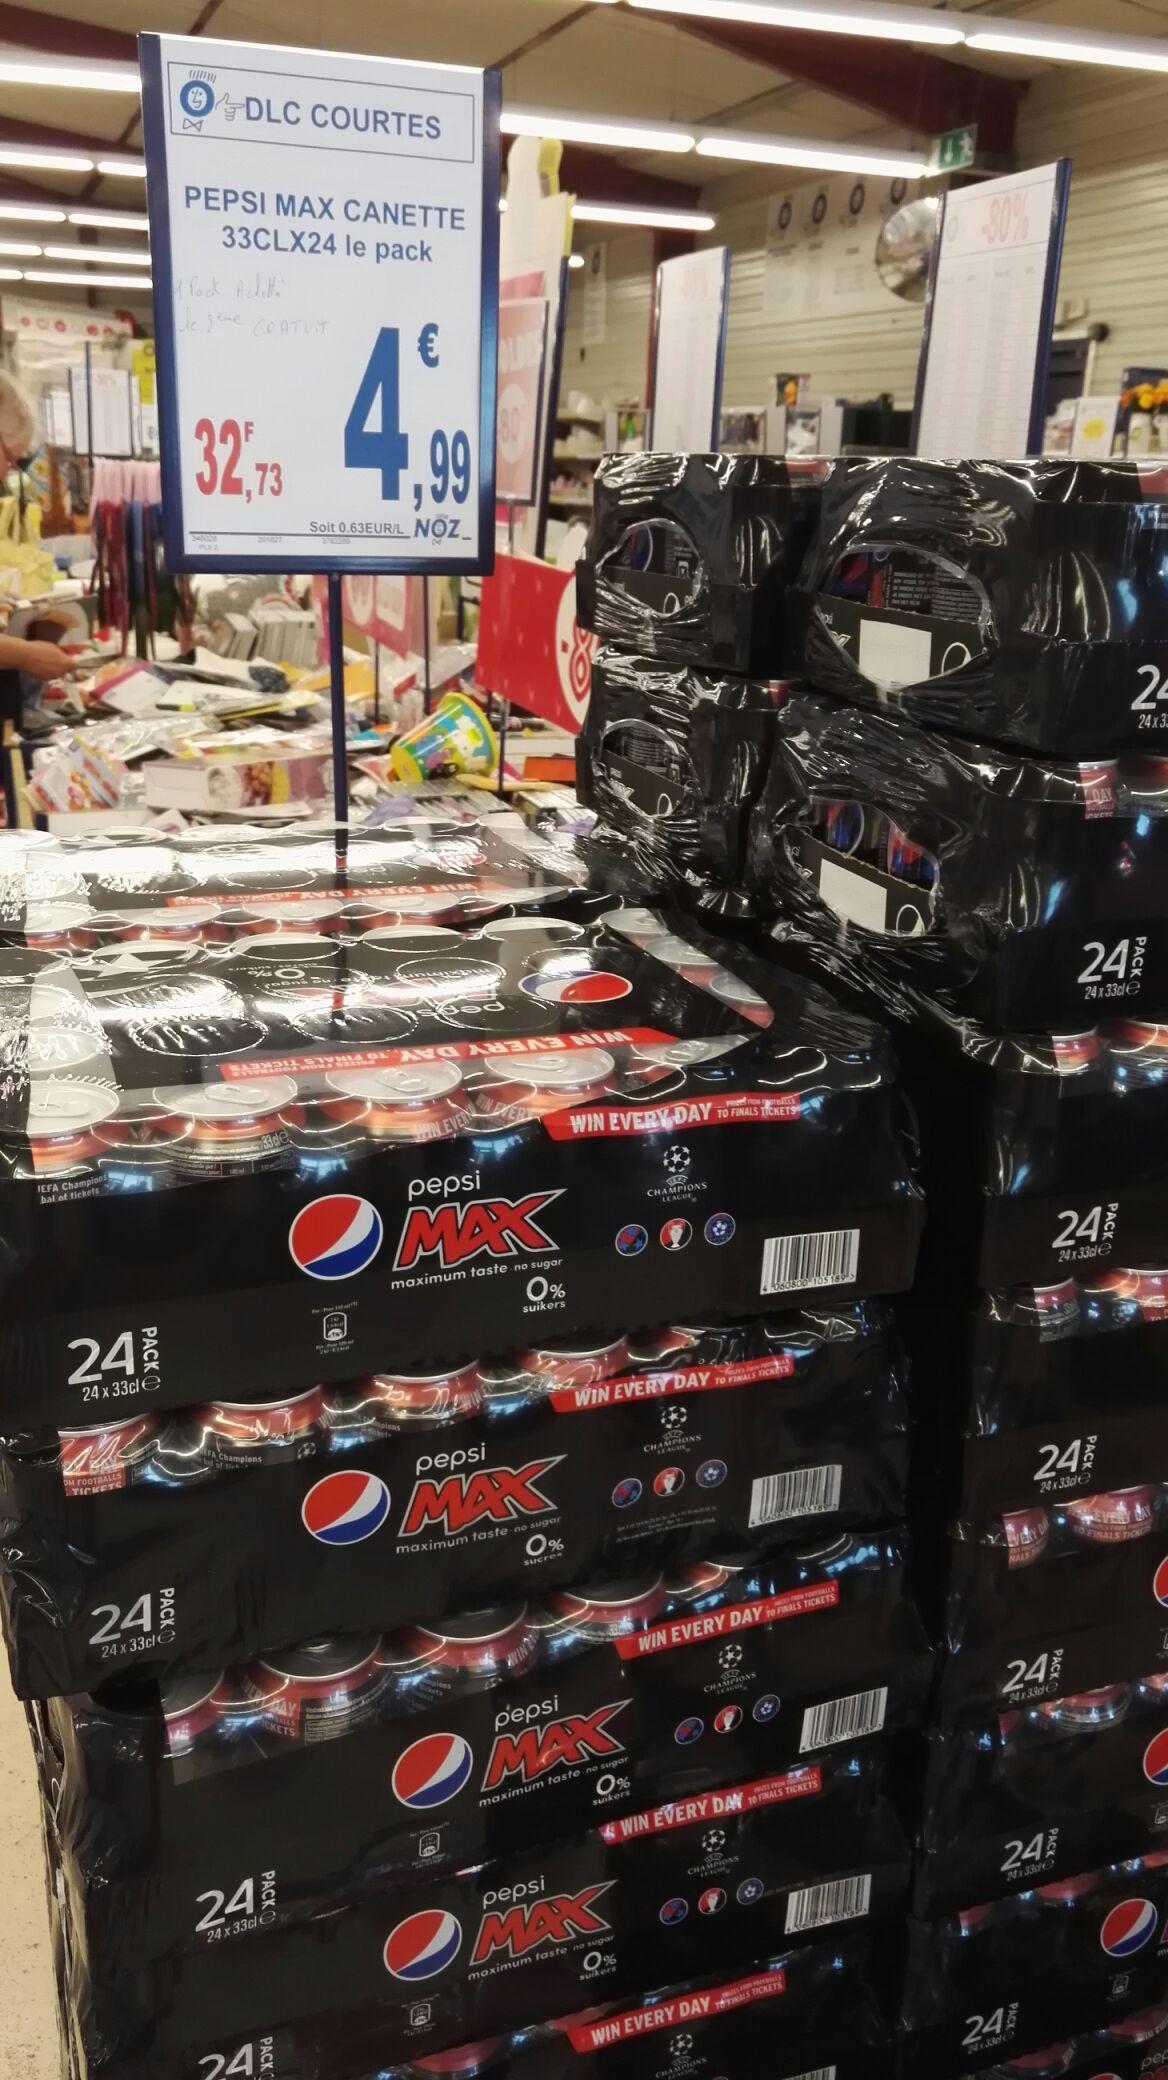 Pack de 48 canettes Pepsi Max sans sucre (48x33cl)